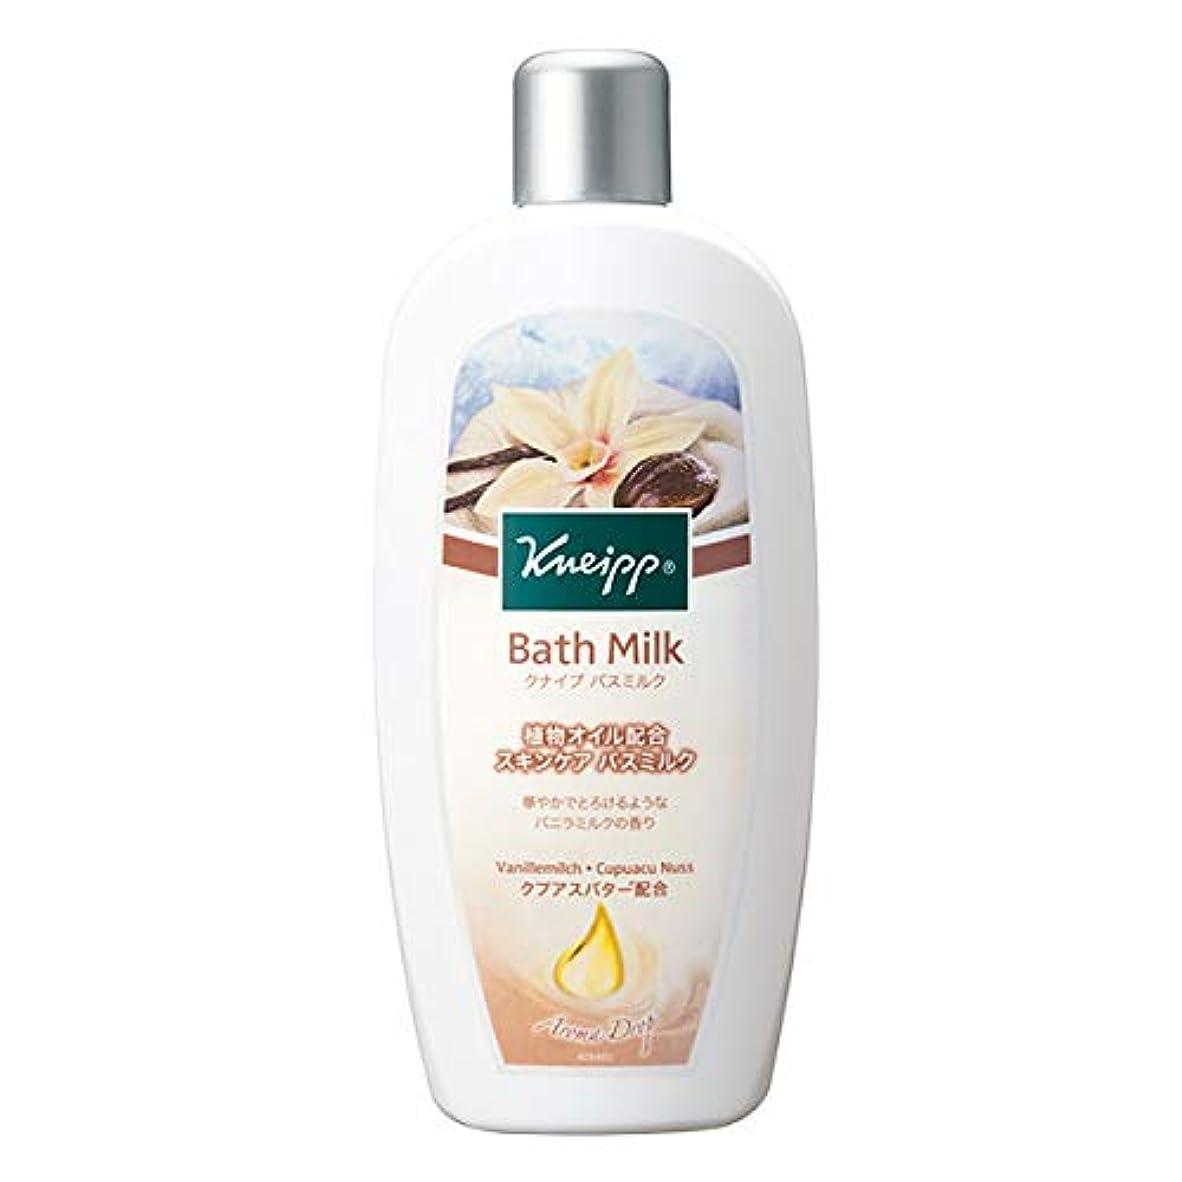 副端末ヒールクナイプ(Kneipp) クナイプ バスミルク バニラミルクの香り 480mL 入浴剤